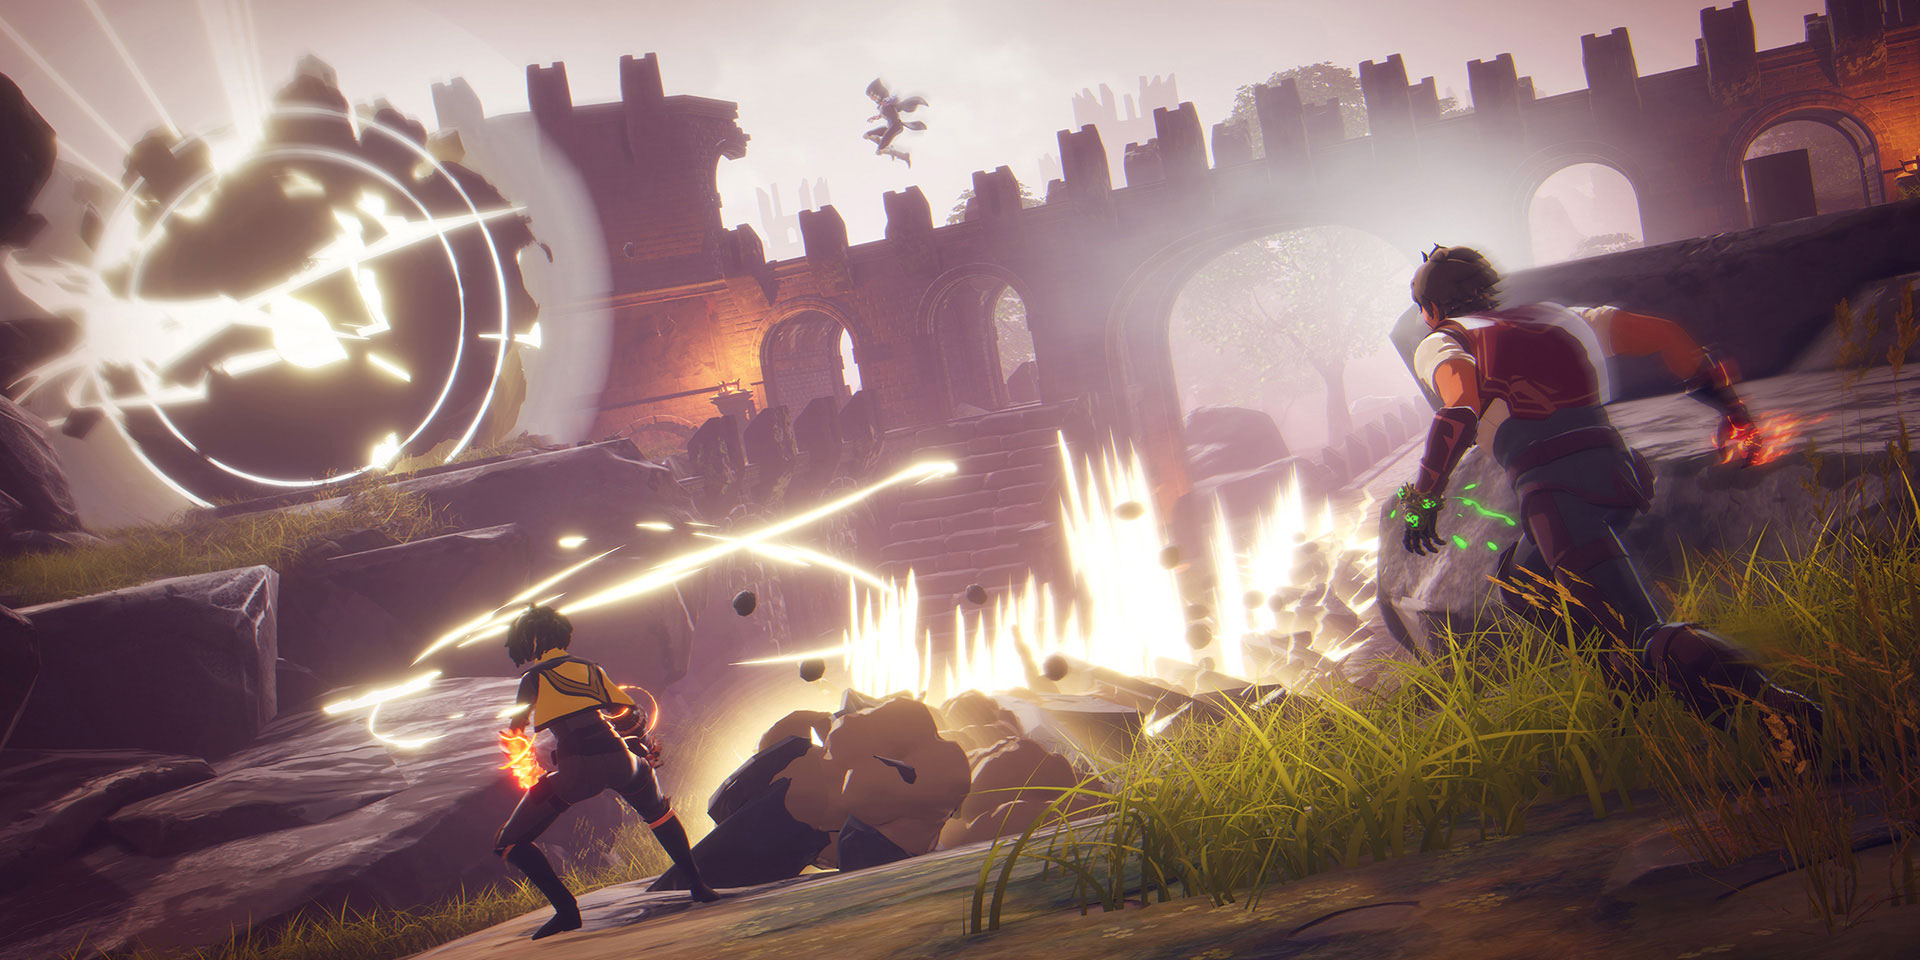 Spellbreak is a unique battle royale game that combines